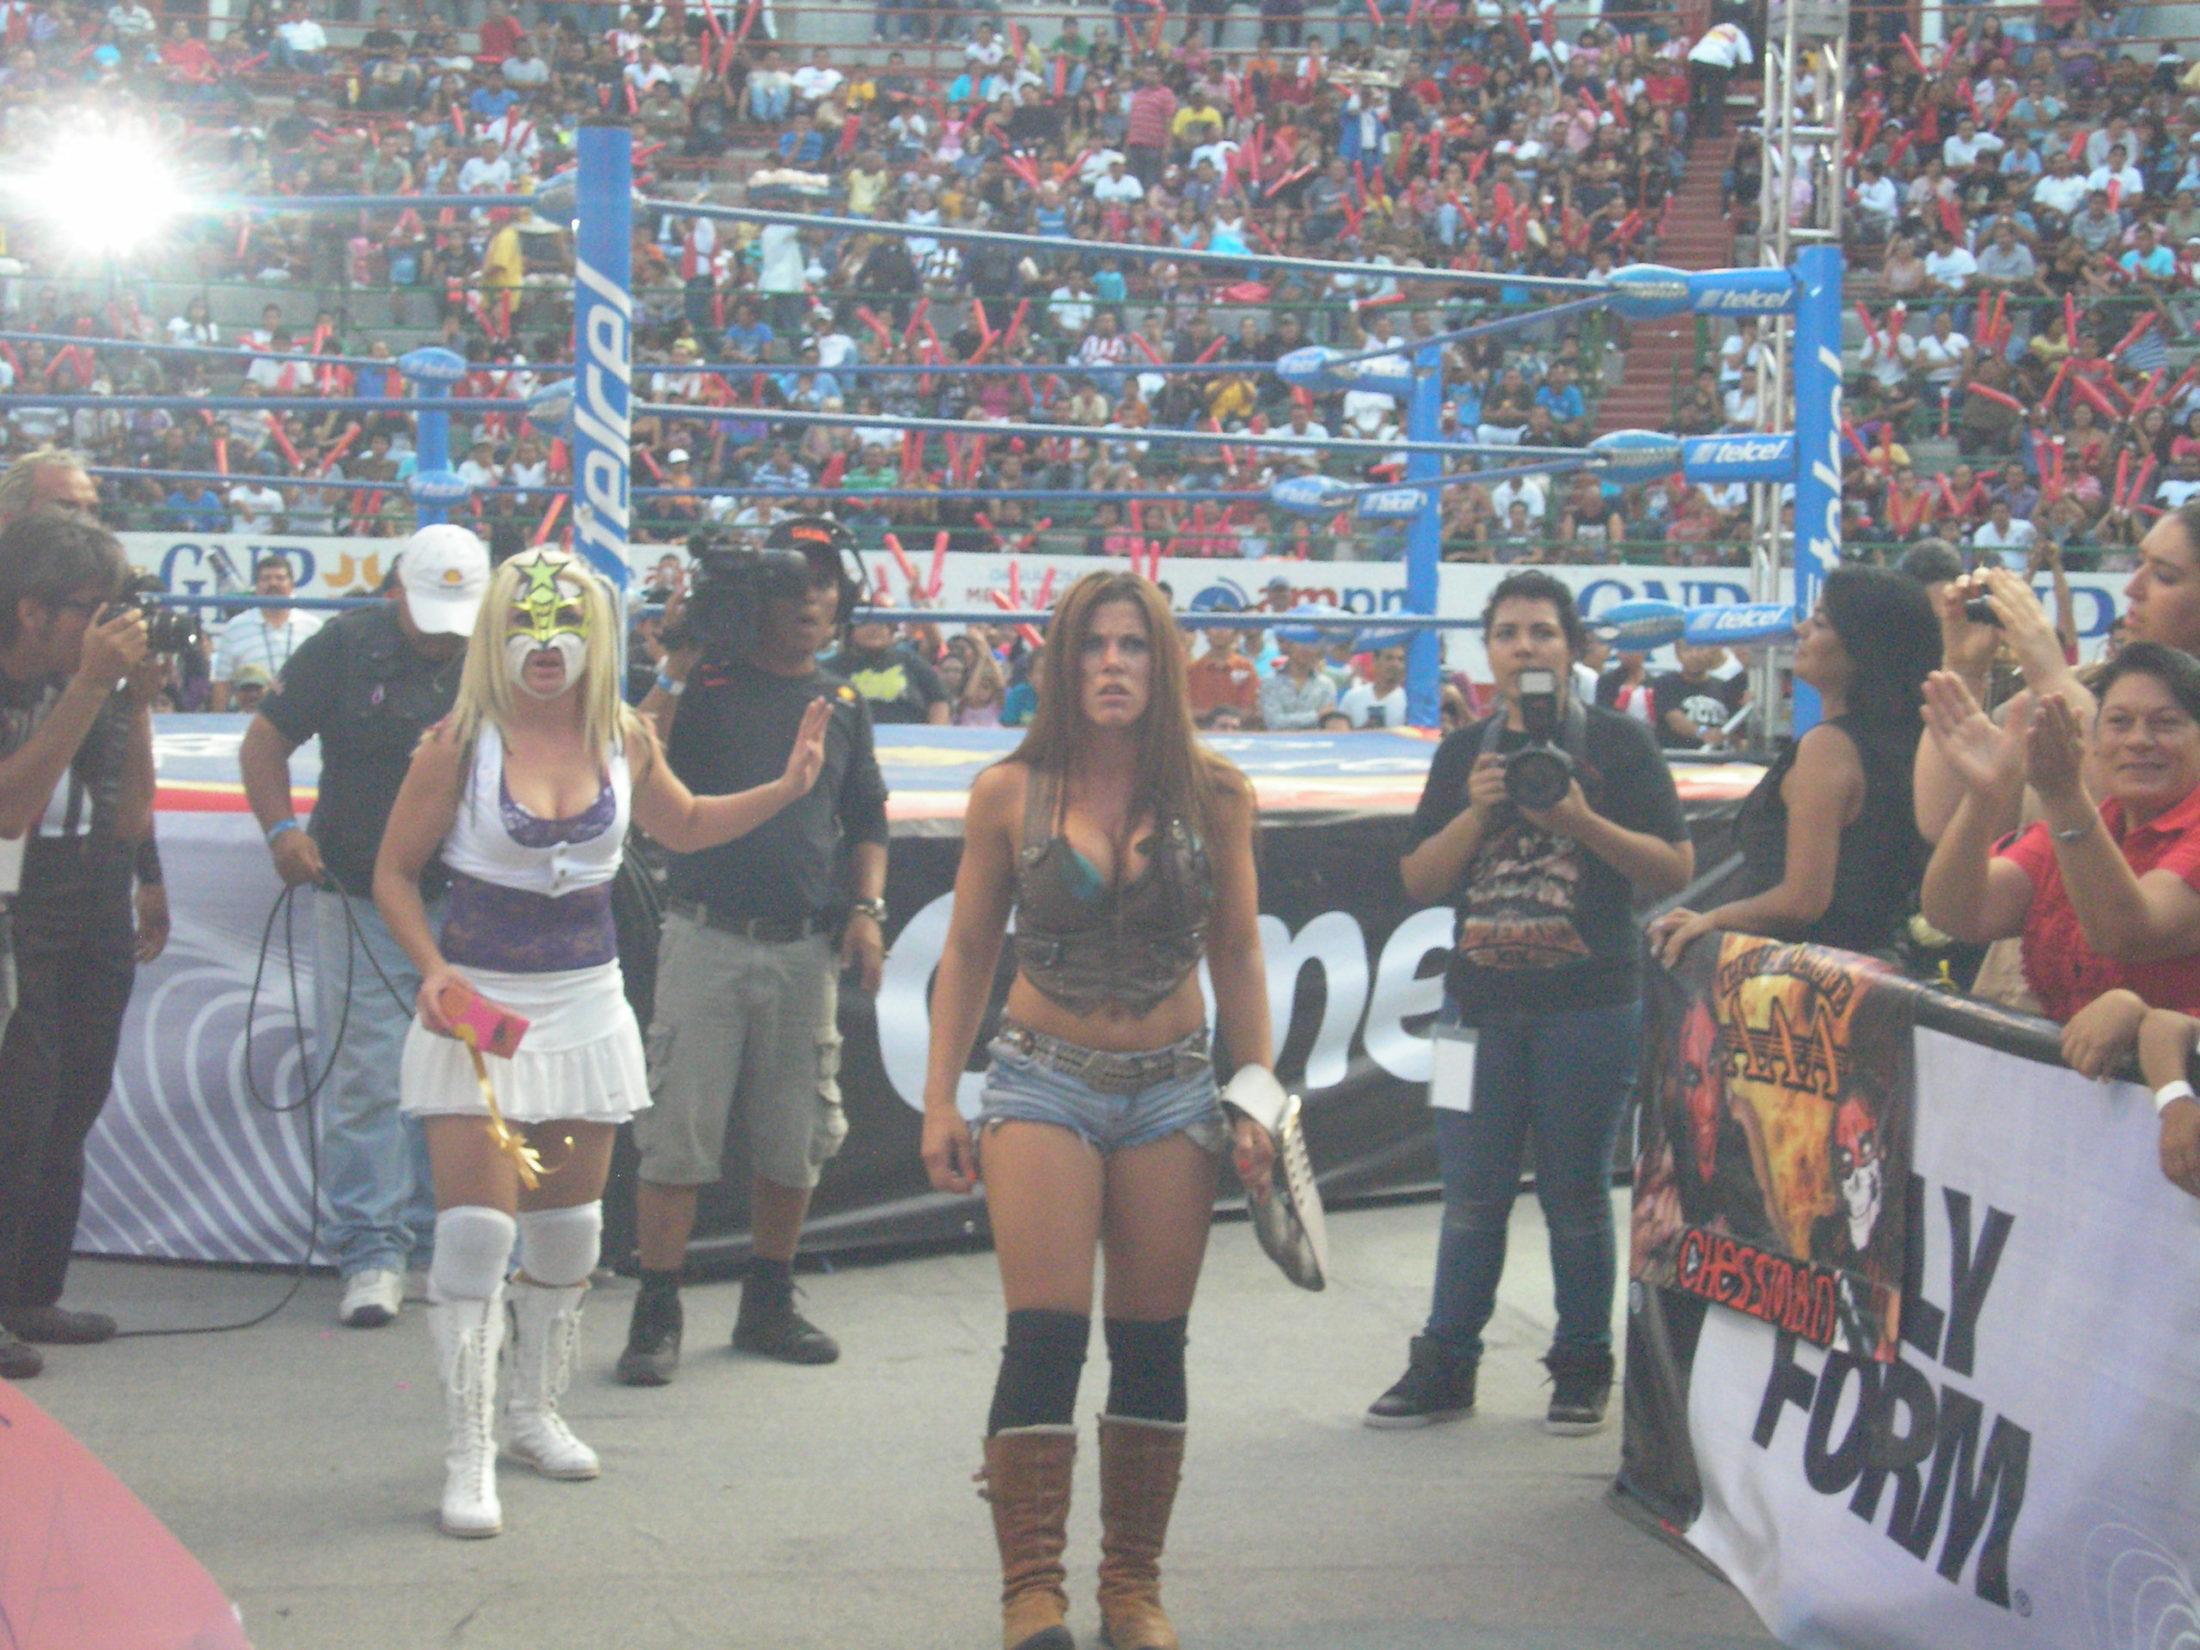 AAA Verano de Escándalo 2011 (resultados 31 de Julio) ¡Jeff Jarrett retiene con la ayuda del Zorro enmascarado!- X- Fly pierde la cabellera- Pimpinela nueva Reina de reinas 3